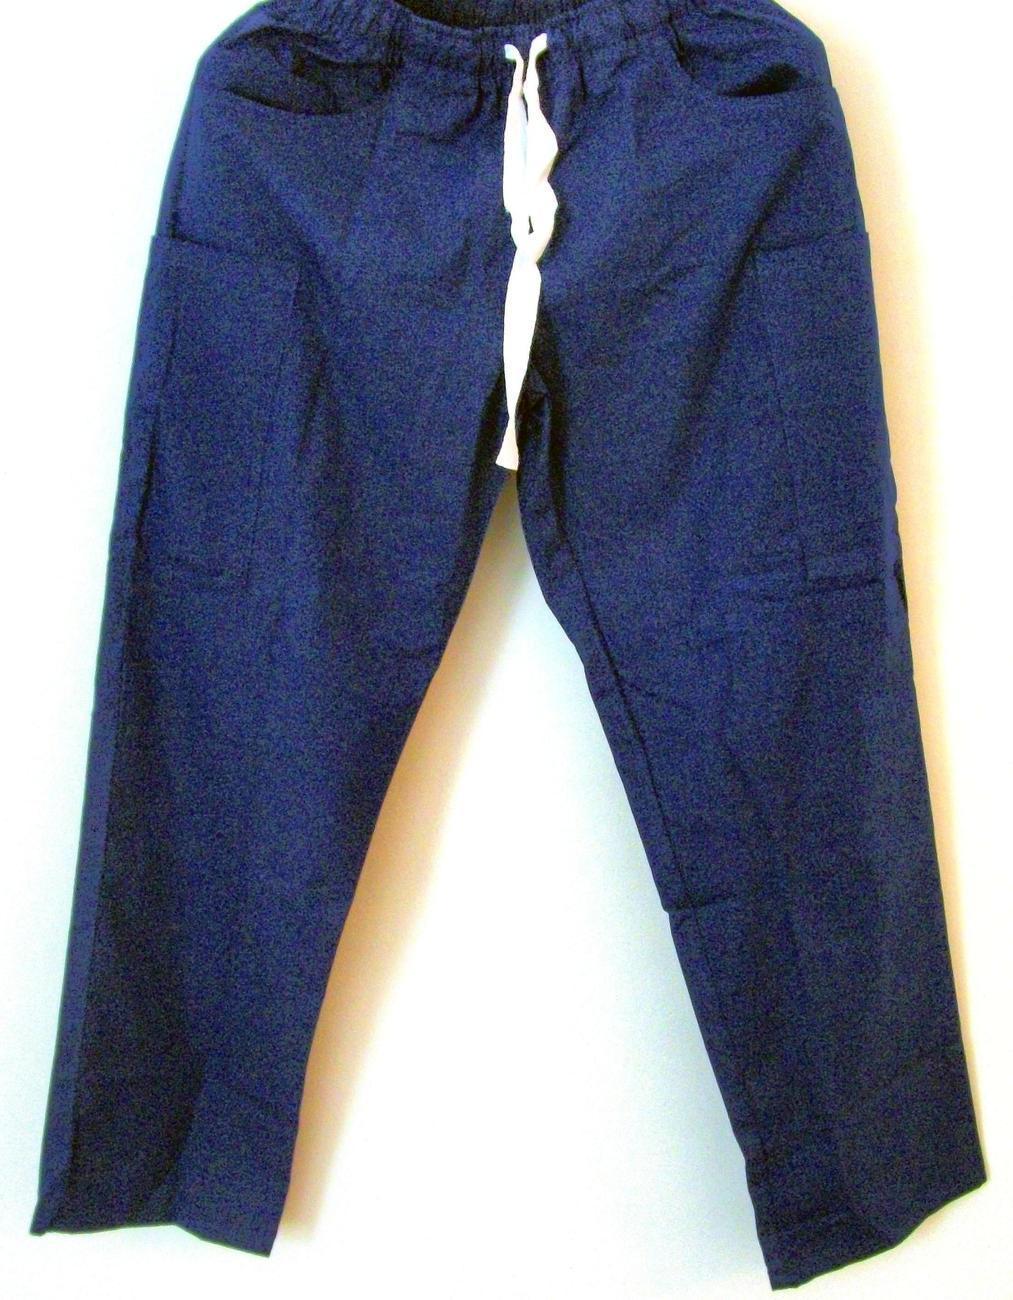 Royal_blue_5_pocket_scrub_pants